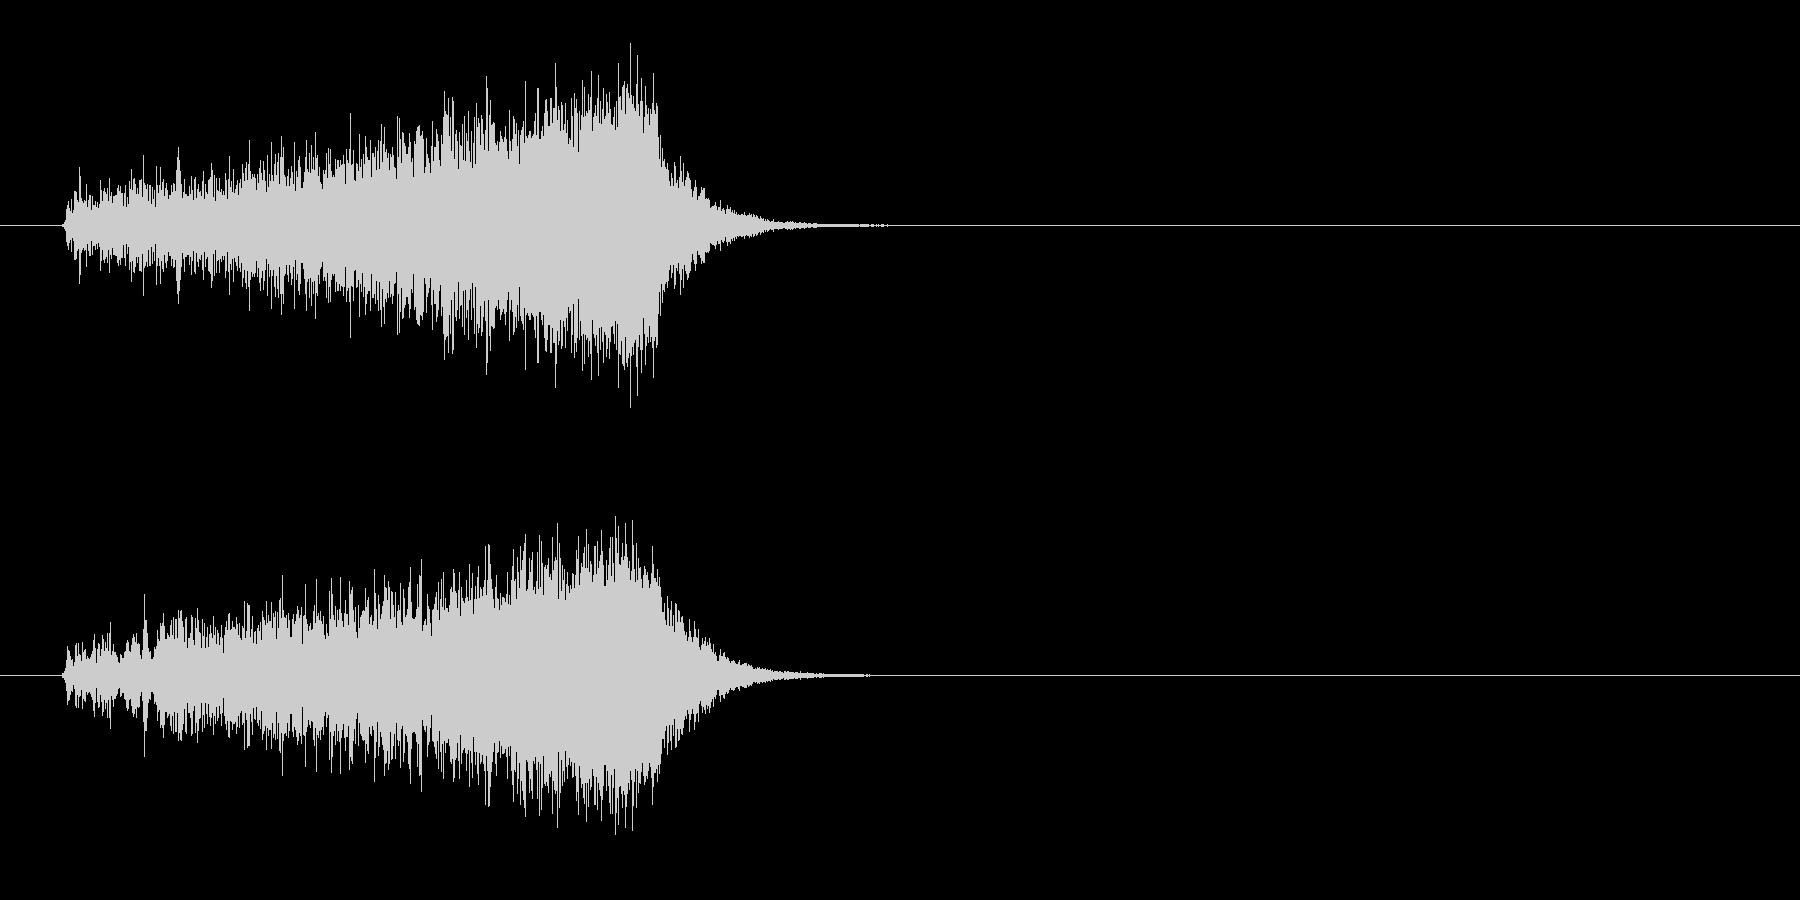 不穏な音色のストリングスのジングルの未再生の波形